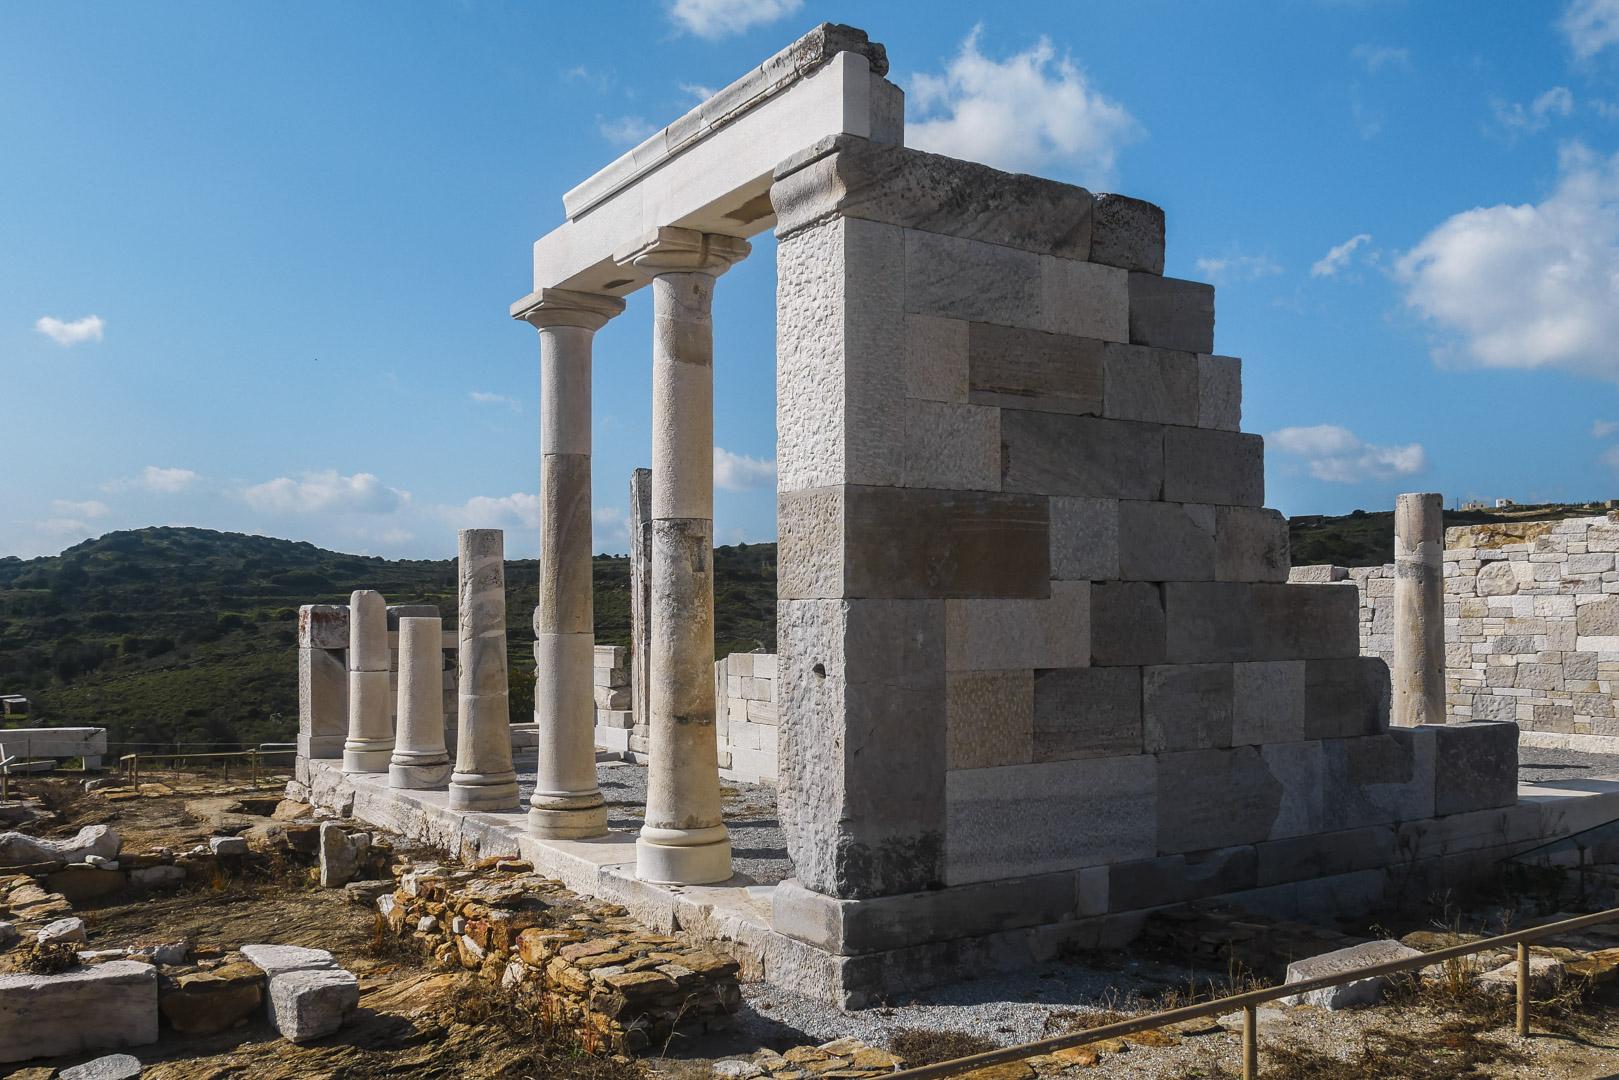 Le temple de Demeter, Naxos, Grece